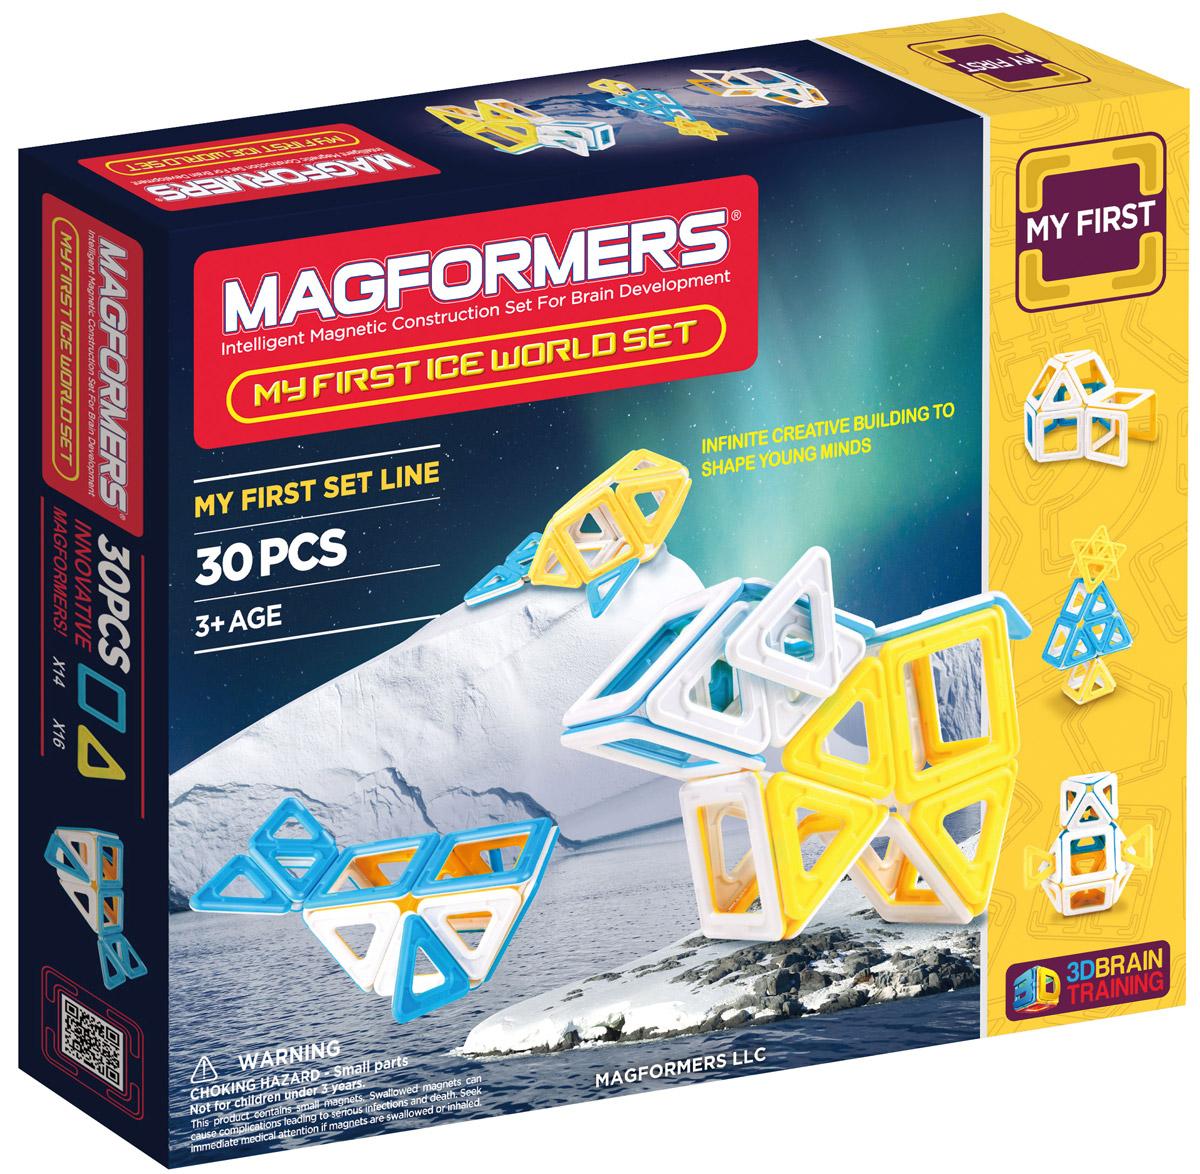 Magformers Магнитный конструктор Ice World63136Вы без ума от хрупких снежинок и сверкающих льдов? С набором Magformers Ice World вы перенесетесь в царство вечных снегов, не выходя из комнаты. С помощью квадратов и треугольников, выполненных в специальных бело-желтых и бело-голубых тонах, так легко собрать иглу, полярных медведей, тюленей, пингвинов и даже снежного человека. Придумывайте и воплощайте в жизнь свою зимнюю сказку! Конструктор отлично подойдет для ознакомления с магнитными конструкторами Magformers. Красочно иллюстрированная инструкция, сопровождающая набор, позволит маленьким строителям с легкостью освоить азы конструирования. Конструктор также станет прекрасным дополнением к уже имеющимся наборам. Набор Magformers My Ice World содержит 30 элементов. Наборы Magformers выгодно отличаются от других конструкторов тем, что внутри каждого элемента находятся магниты. В процессе соединения деталей магниты сами поворачиваются друг к другу нужной стороной, что делает процесс сборки таким легким и удобным. Магниты...